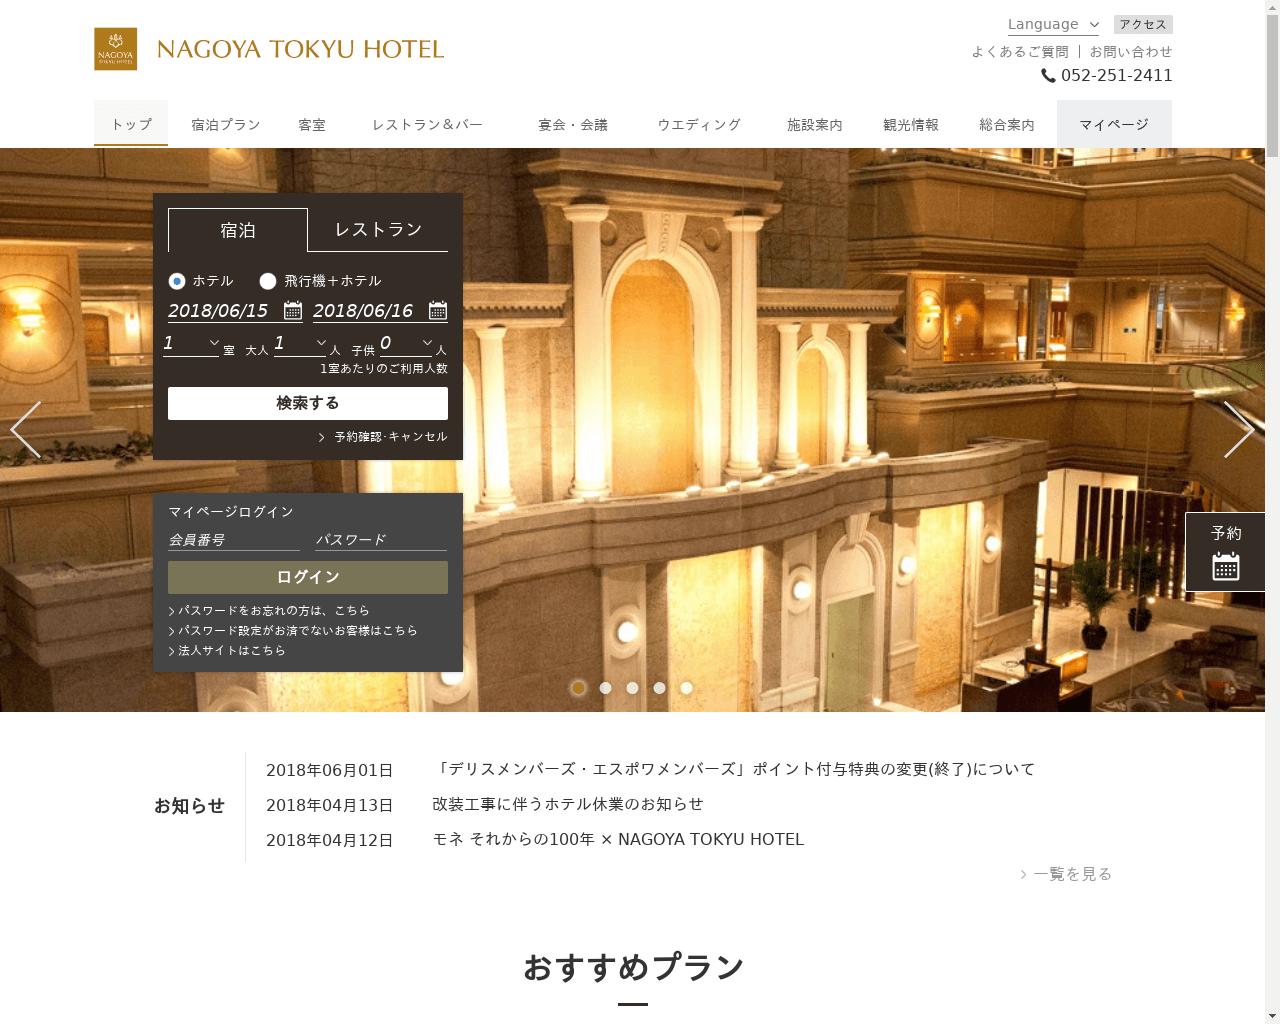 高級ホテル特集 名古屋東急ホテル